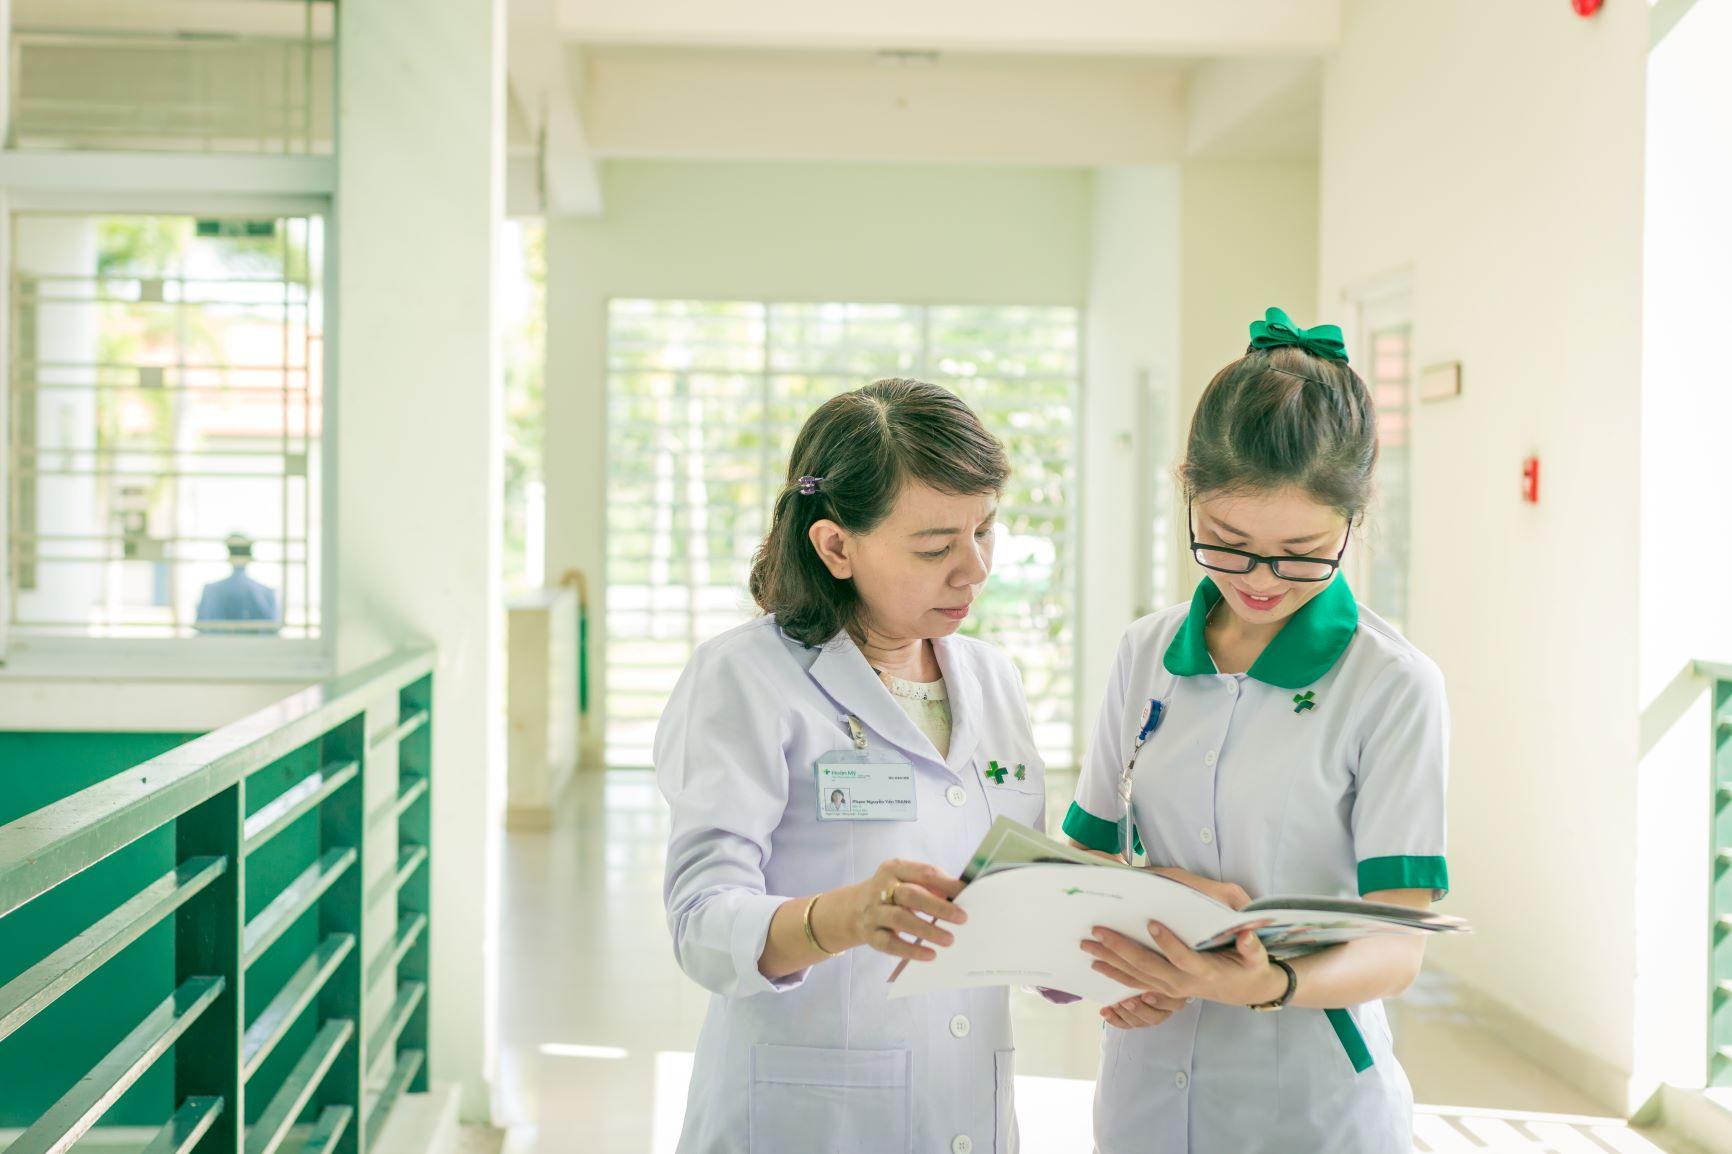 Nhiều hoạt động vì sức khỏe cộng đồng của Tập đoàn Y khoa Hoàn Mỹ trong tháng kỷ niệm 22 năm thành lập  - Ảnh 2